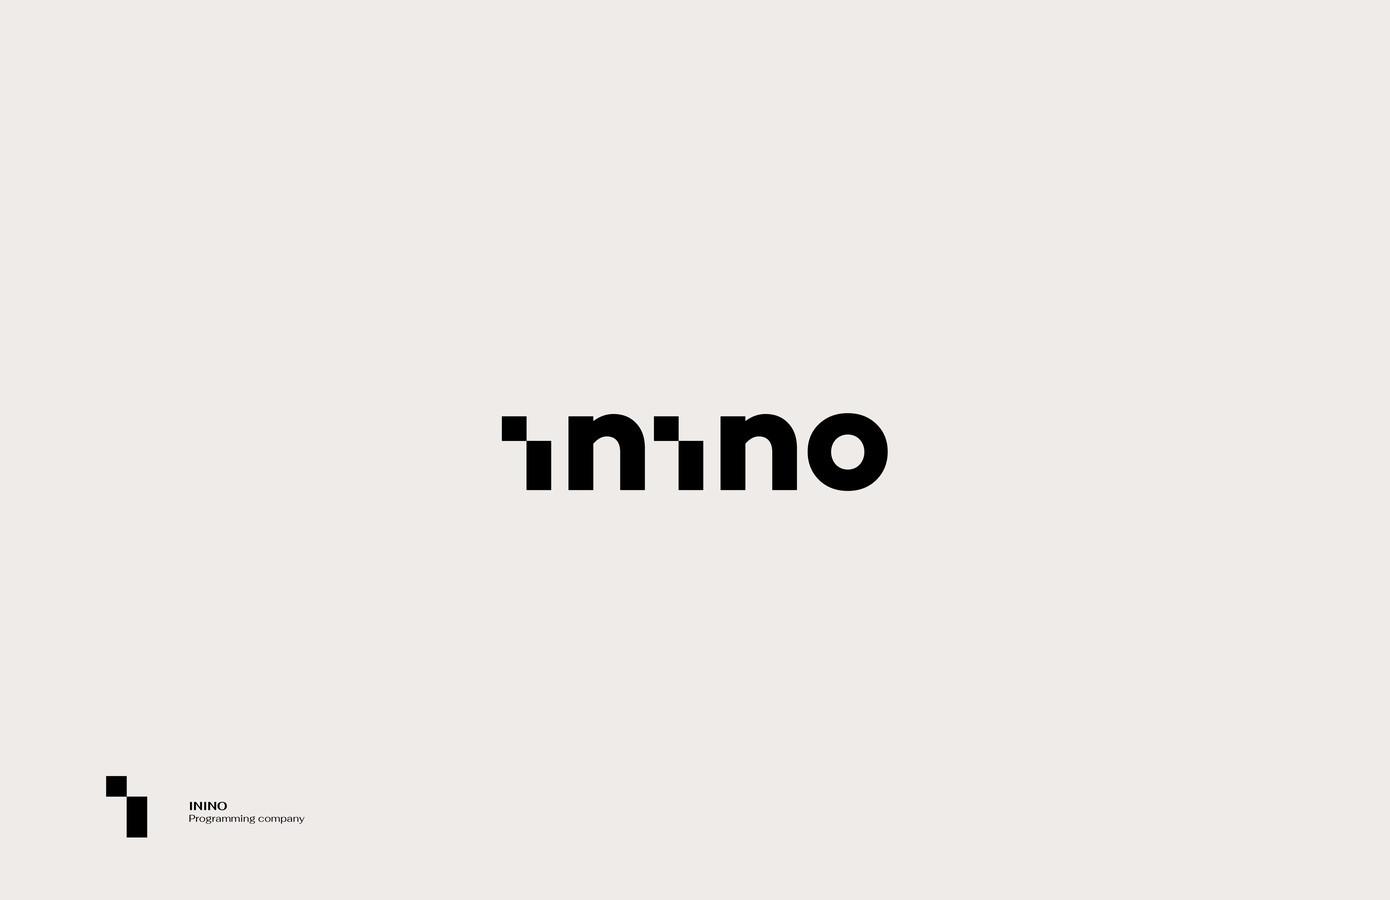 ININO - Programming company